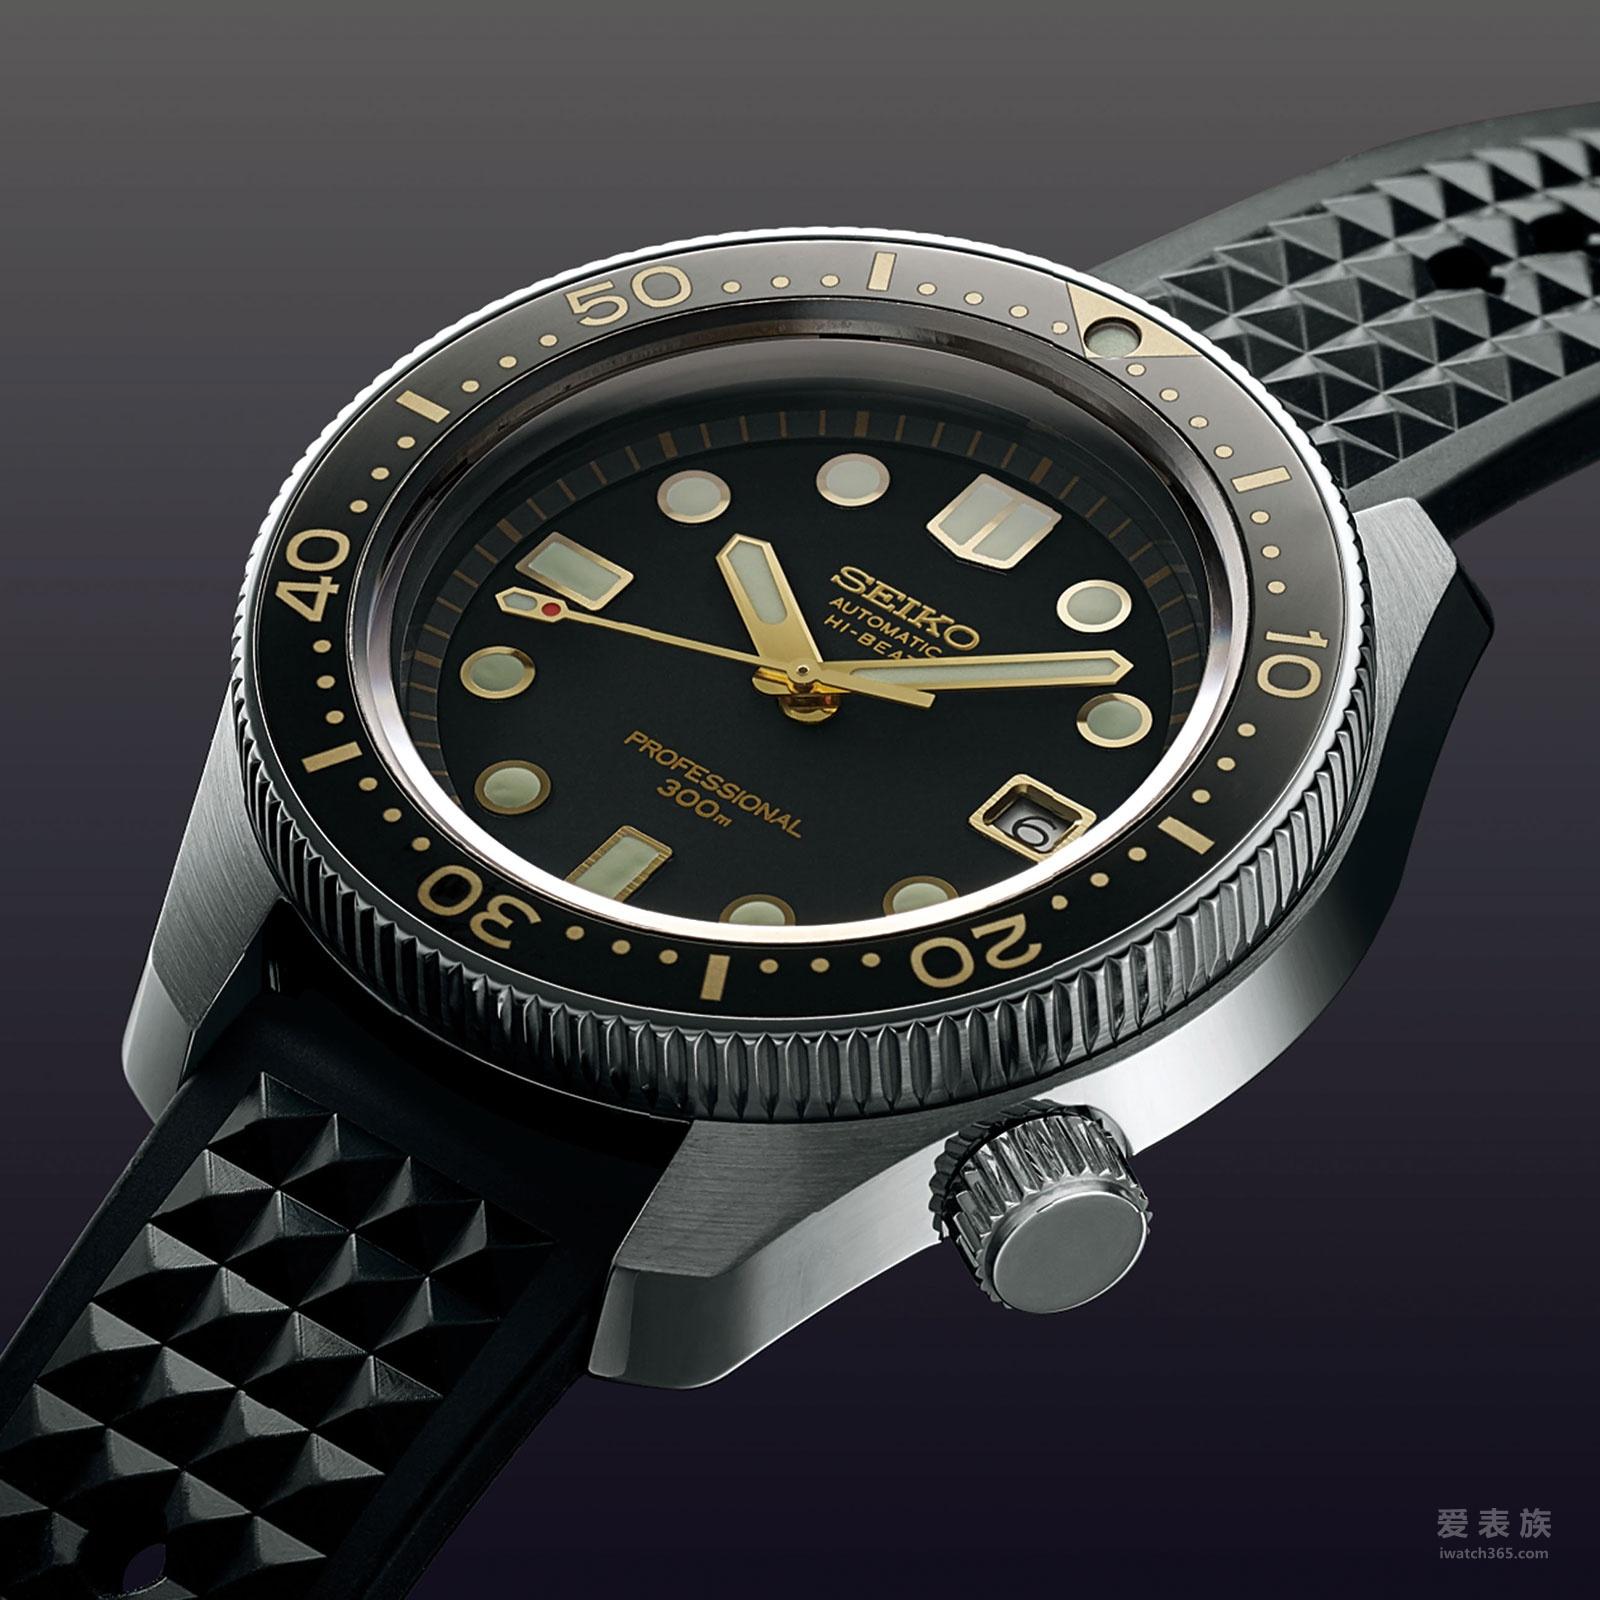 Seiko-Prospex-1968-Automatic-Diver-SLA025